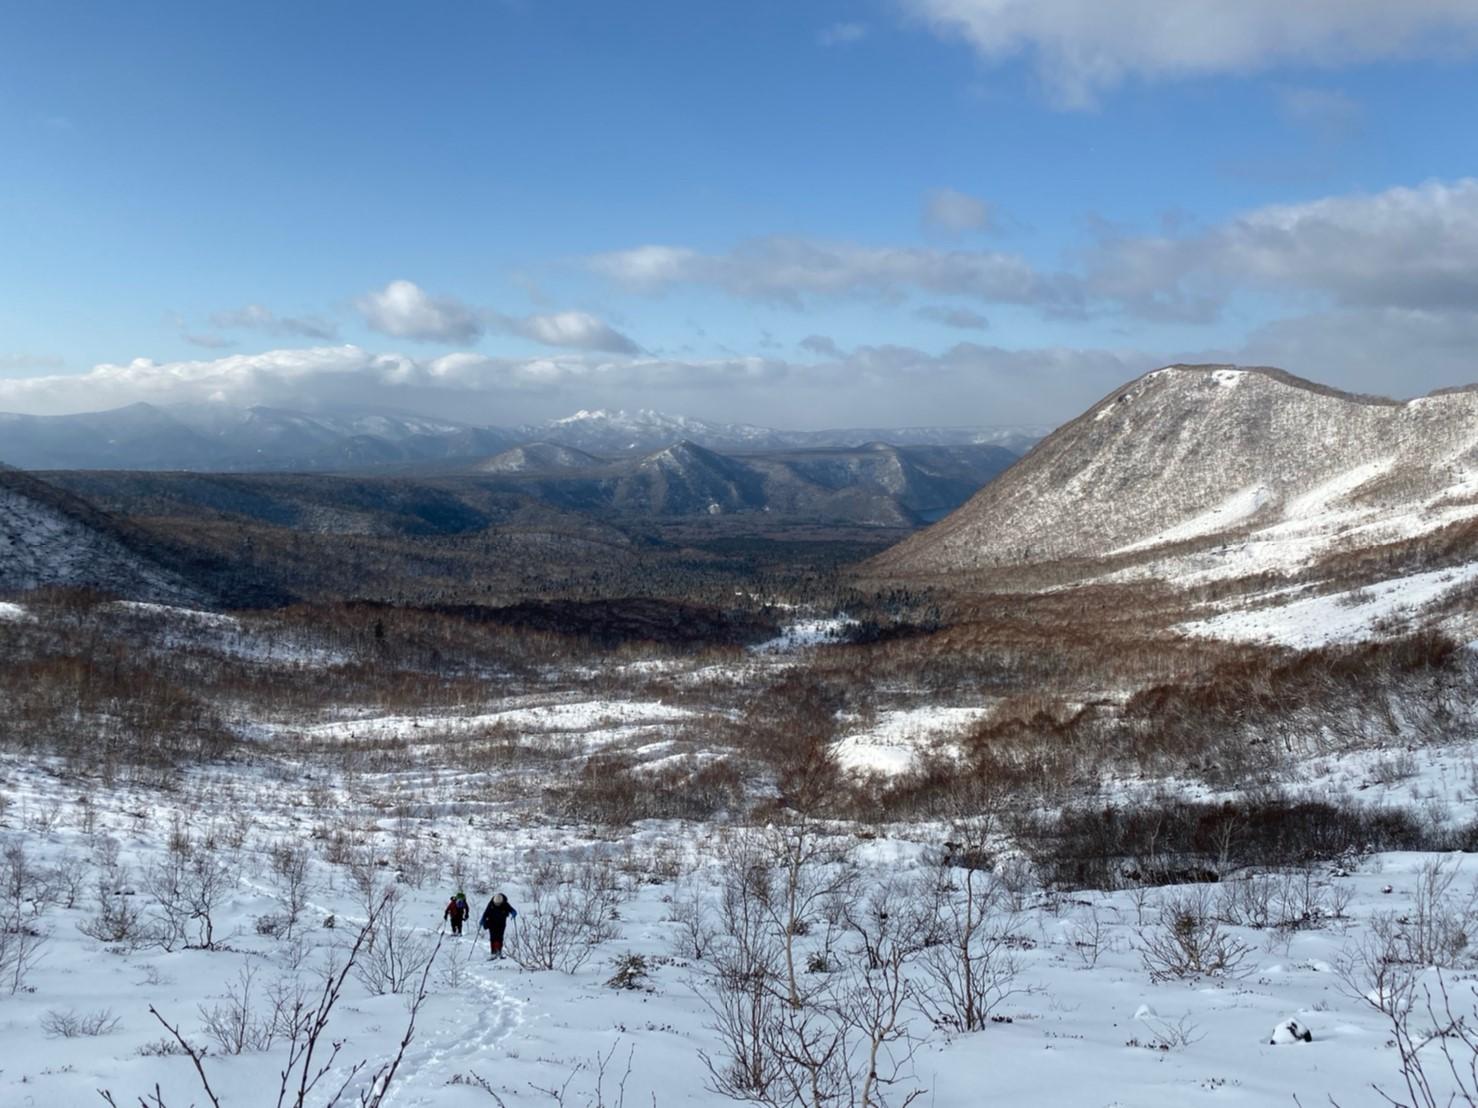 樽前山(北山)と苔の洞門、2019.12.15ー同行者からの写真ー_f0138096_23450700.jpg